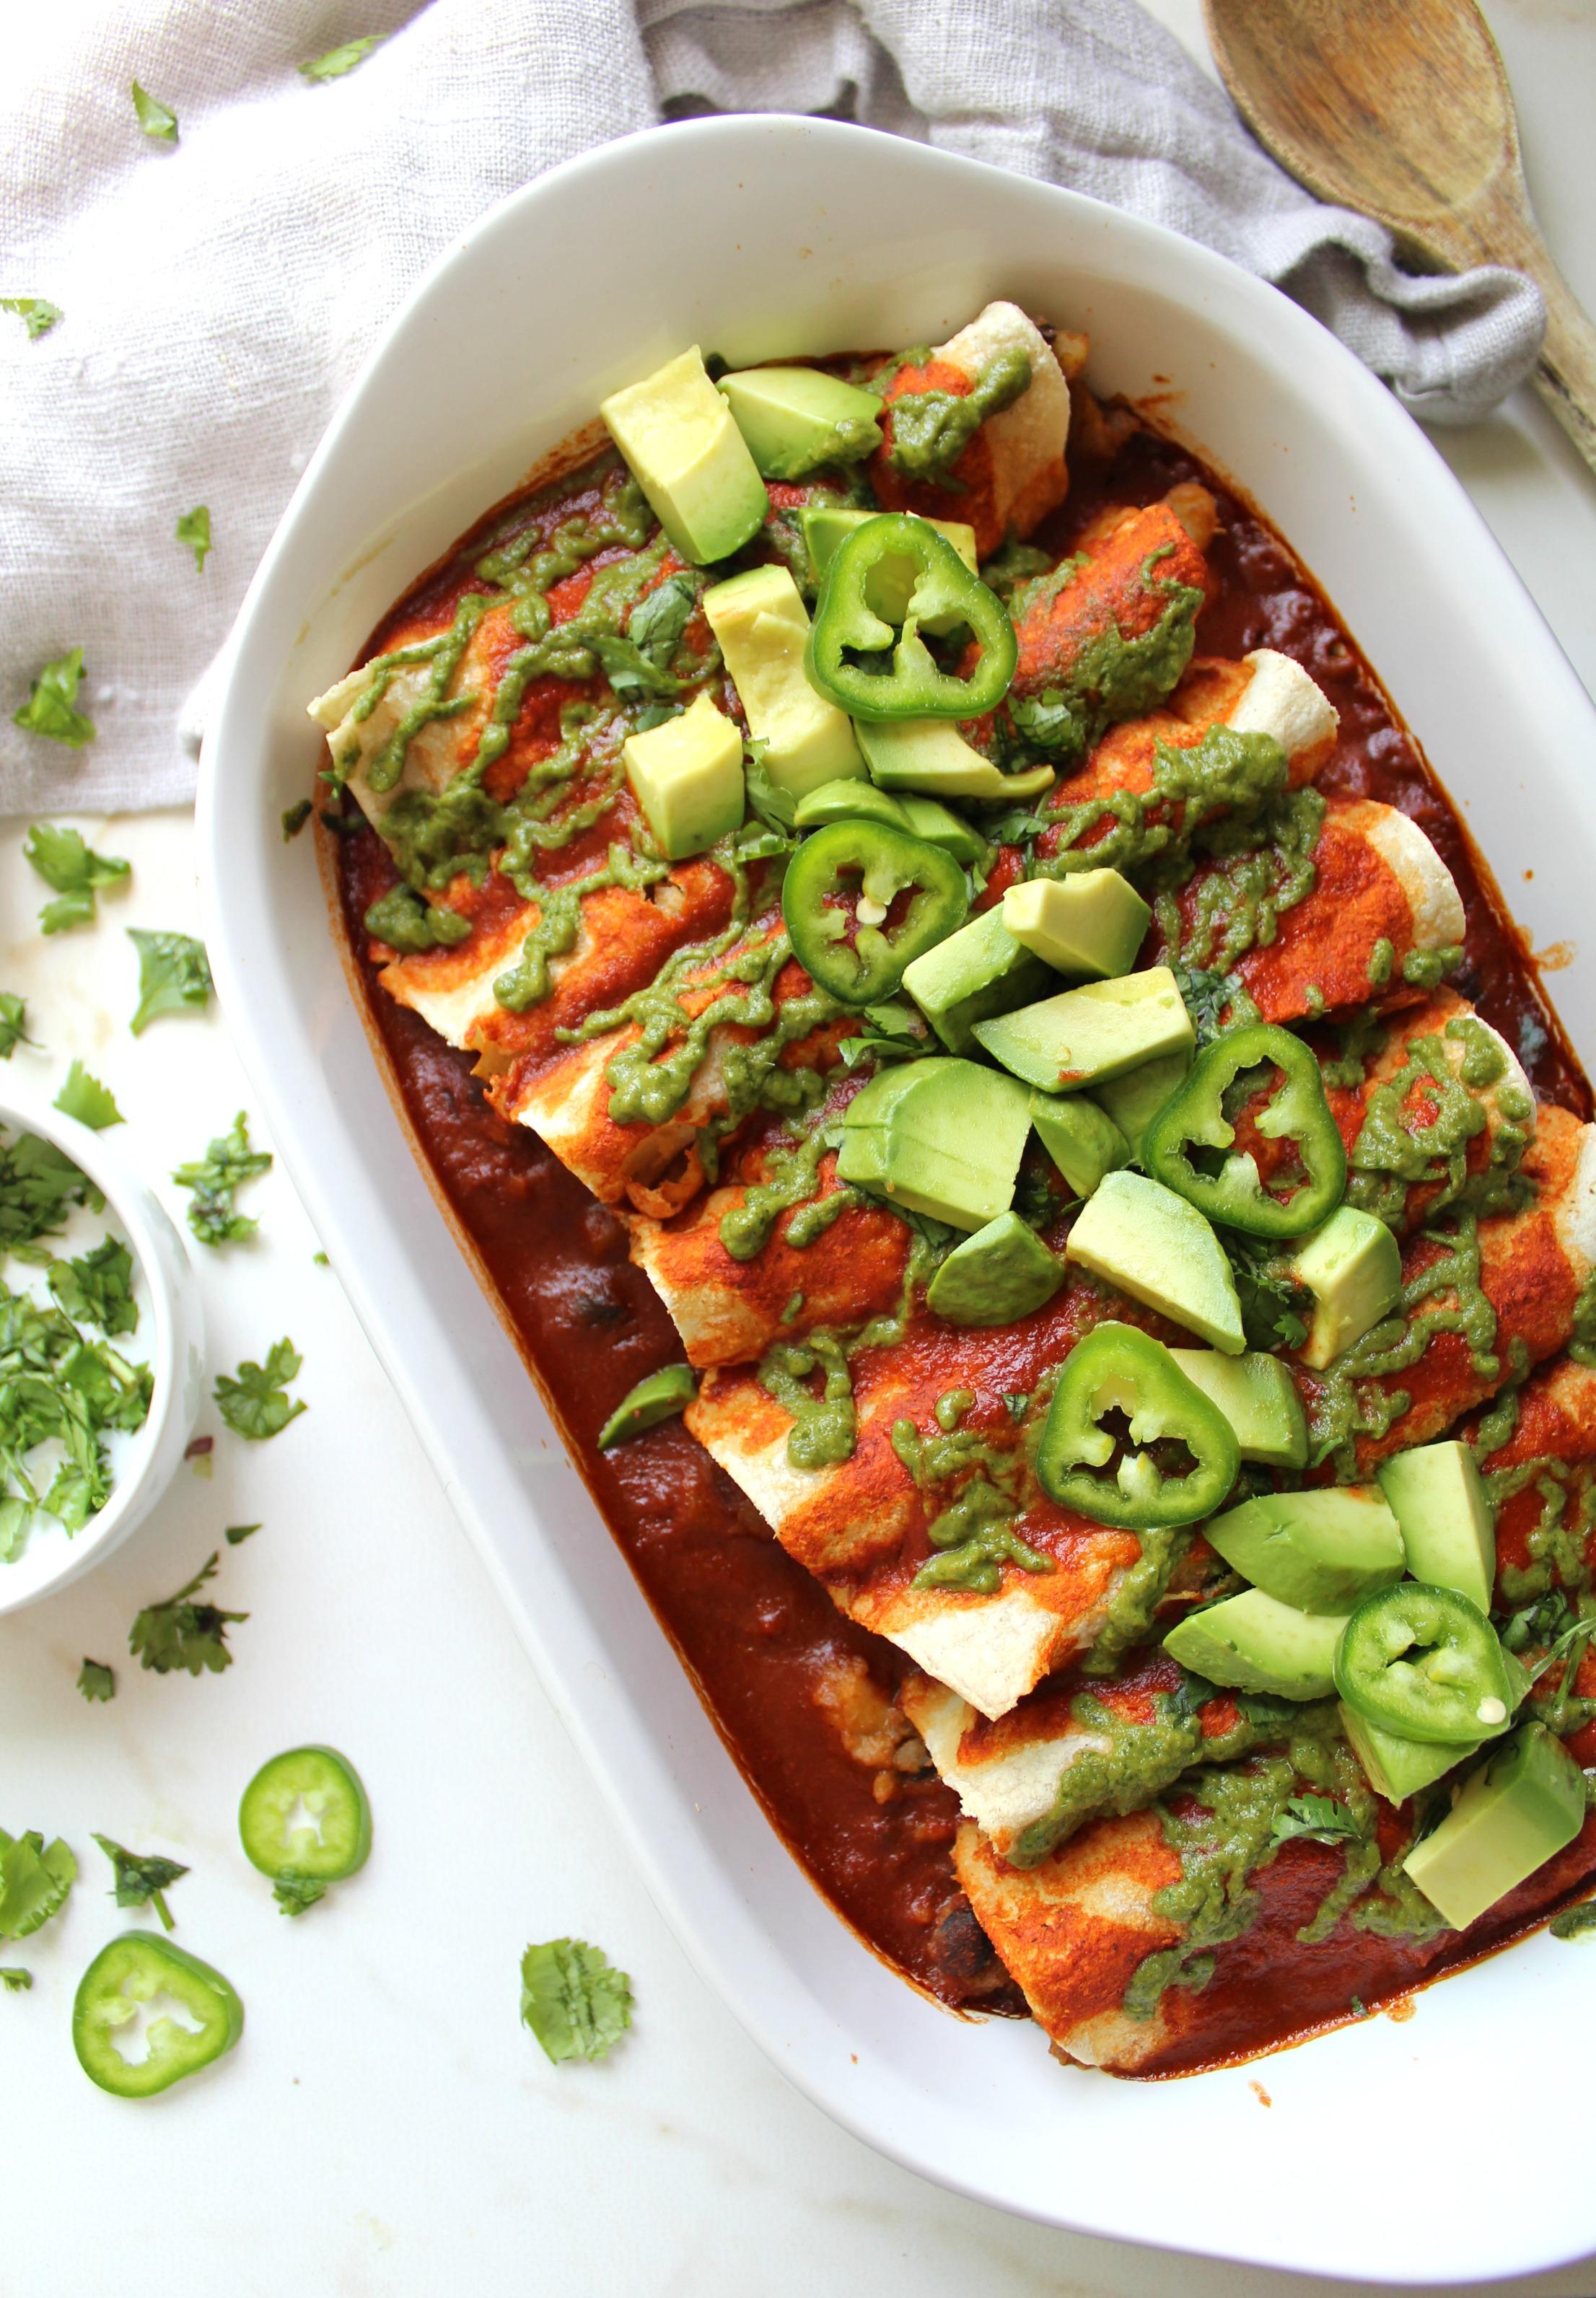 Black Bean Potato Vegan Enchiladas With Avocado Cilantro Sauce This Savory Vegan